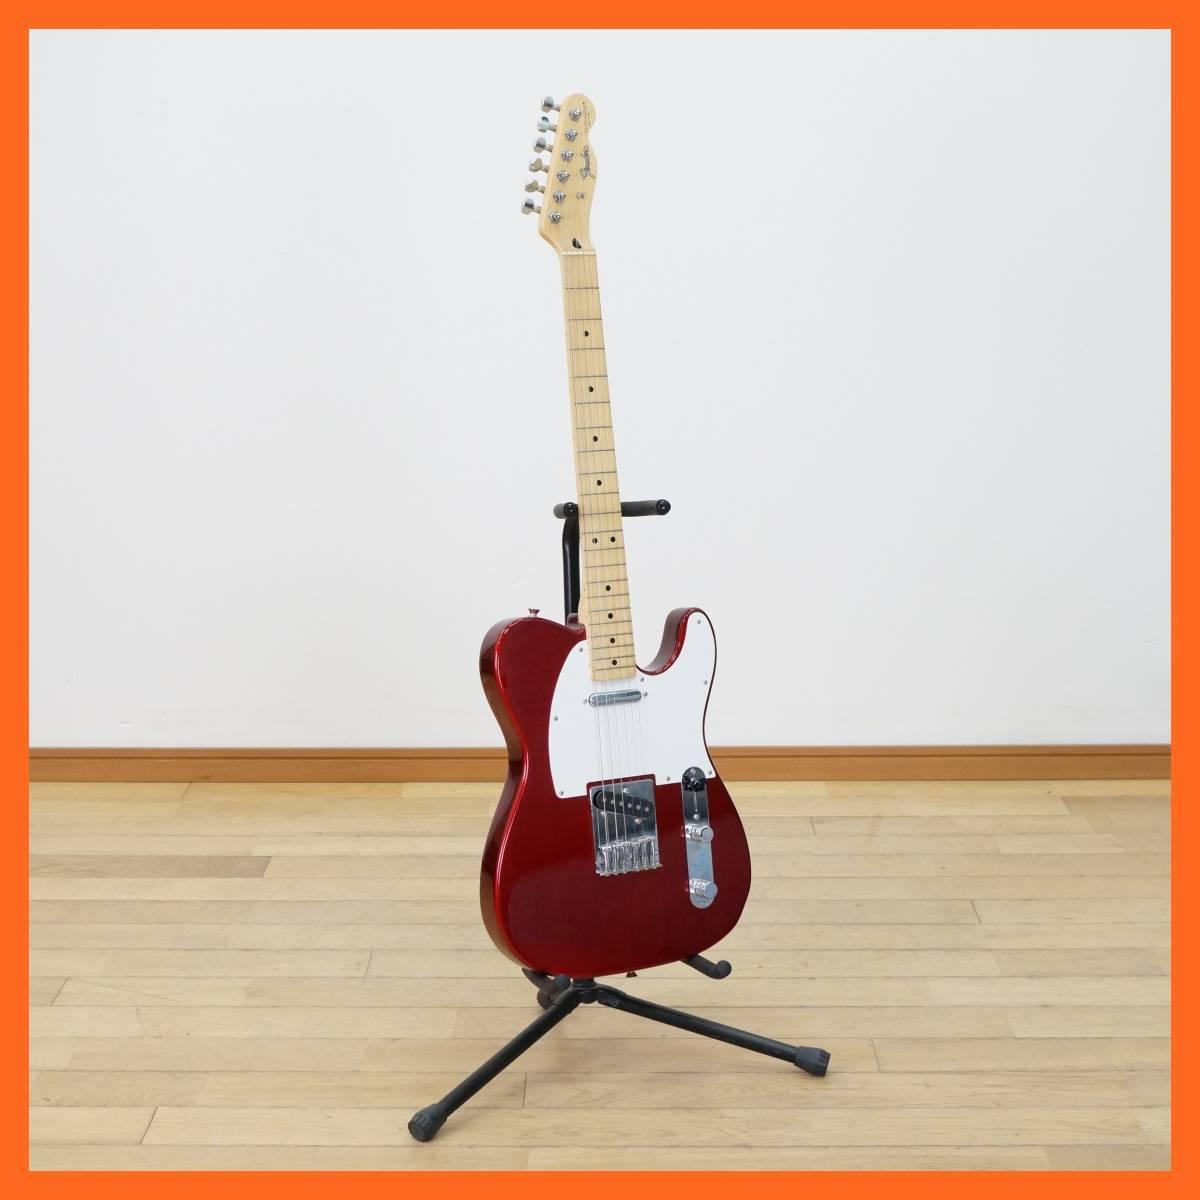 【フェンダー/Fender】エレキギター テレキャスター 日本製 T0シリアル レッド系 赤系 Made in JAPAN Telecaster_画像1